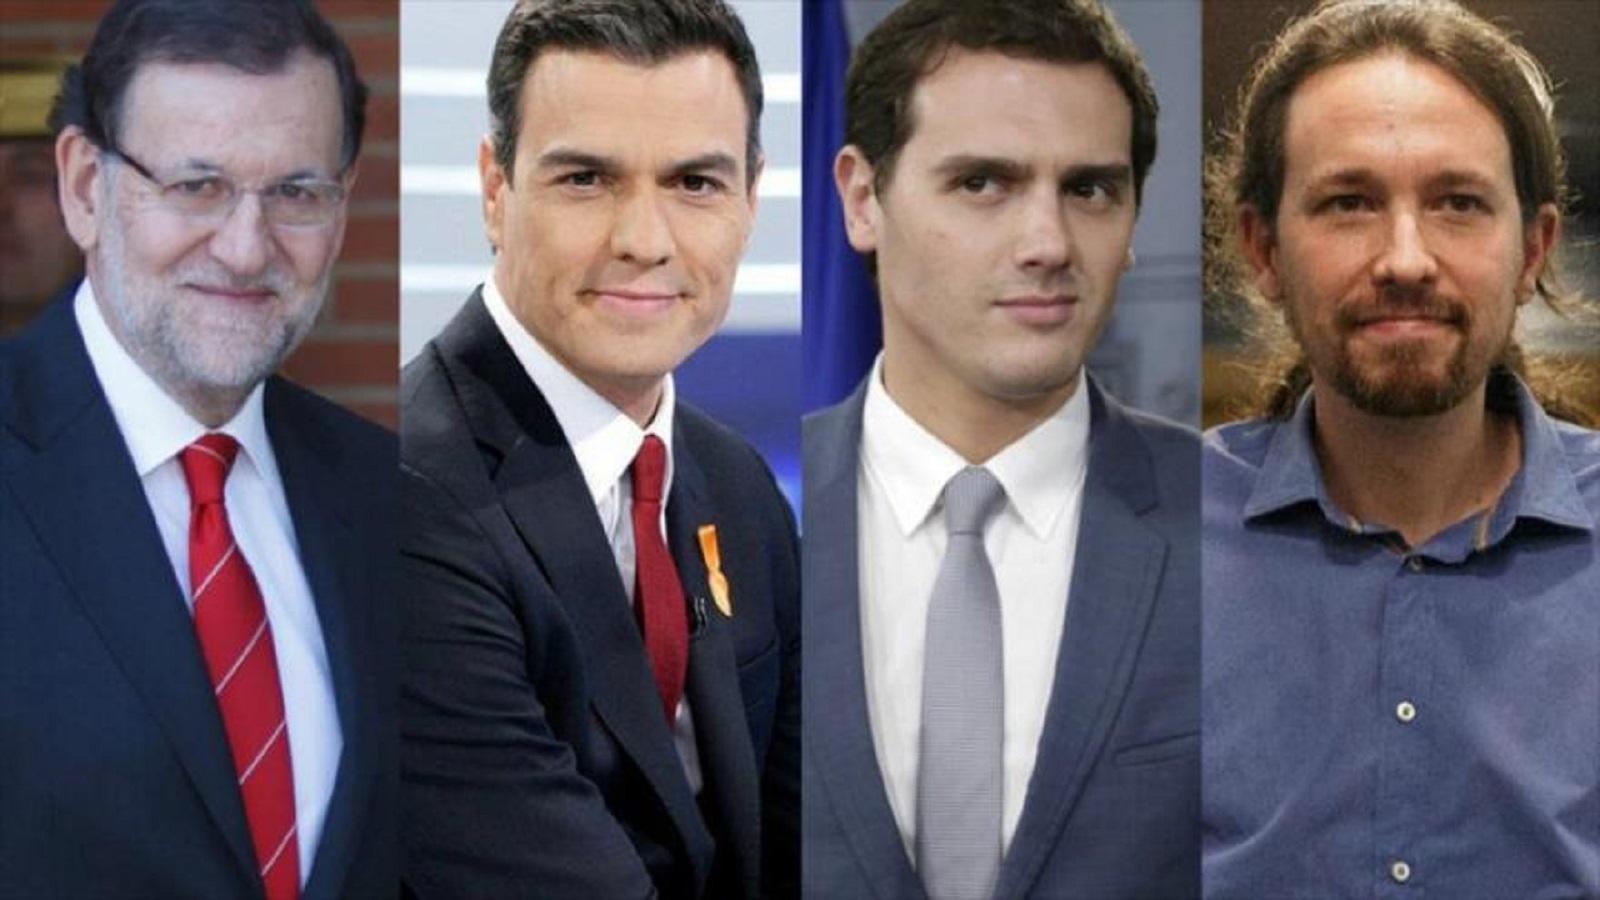 España: Los principales dirigentes de los partidos políticos de izquierda